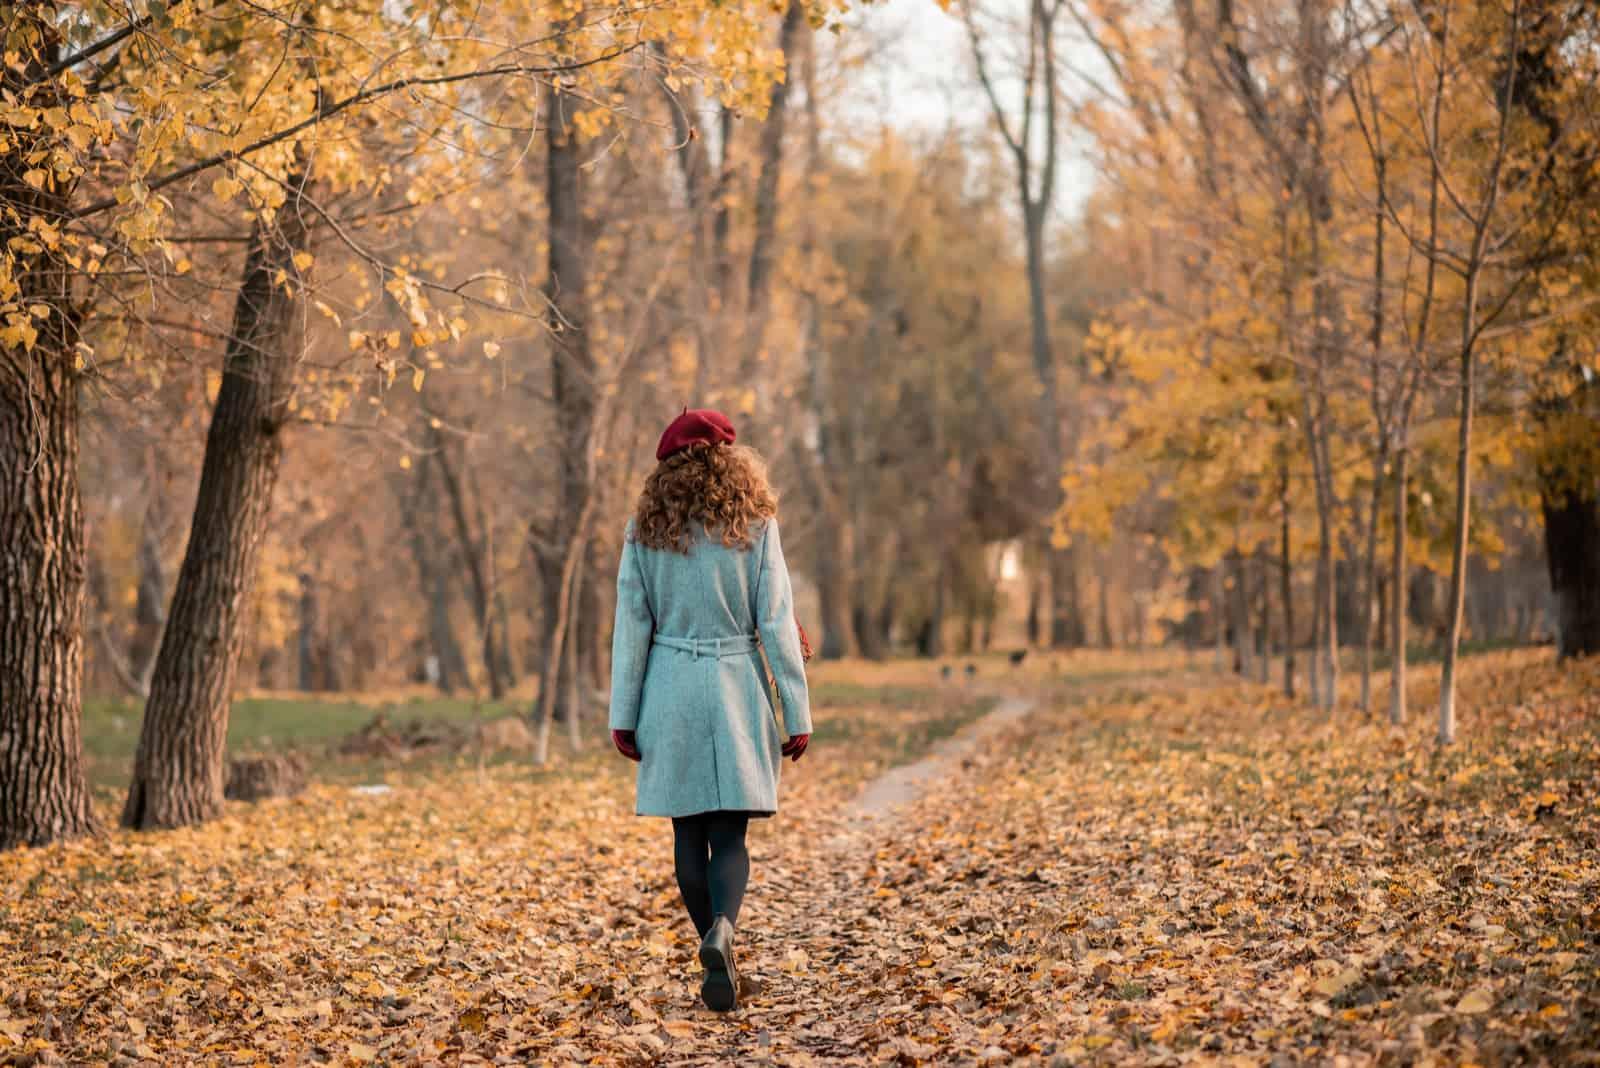 Eine junge Frau mit krausem Haar setzt sich in den Wald